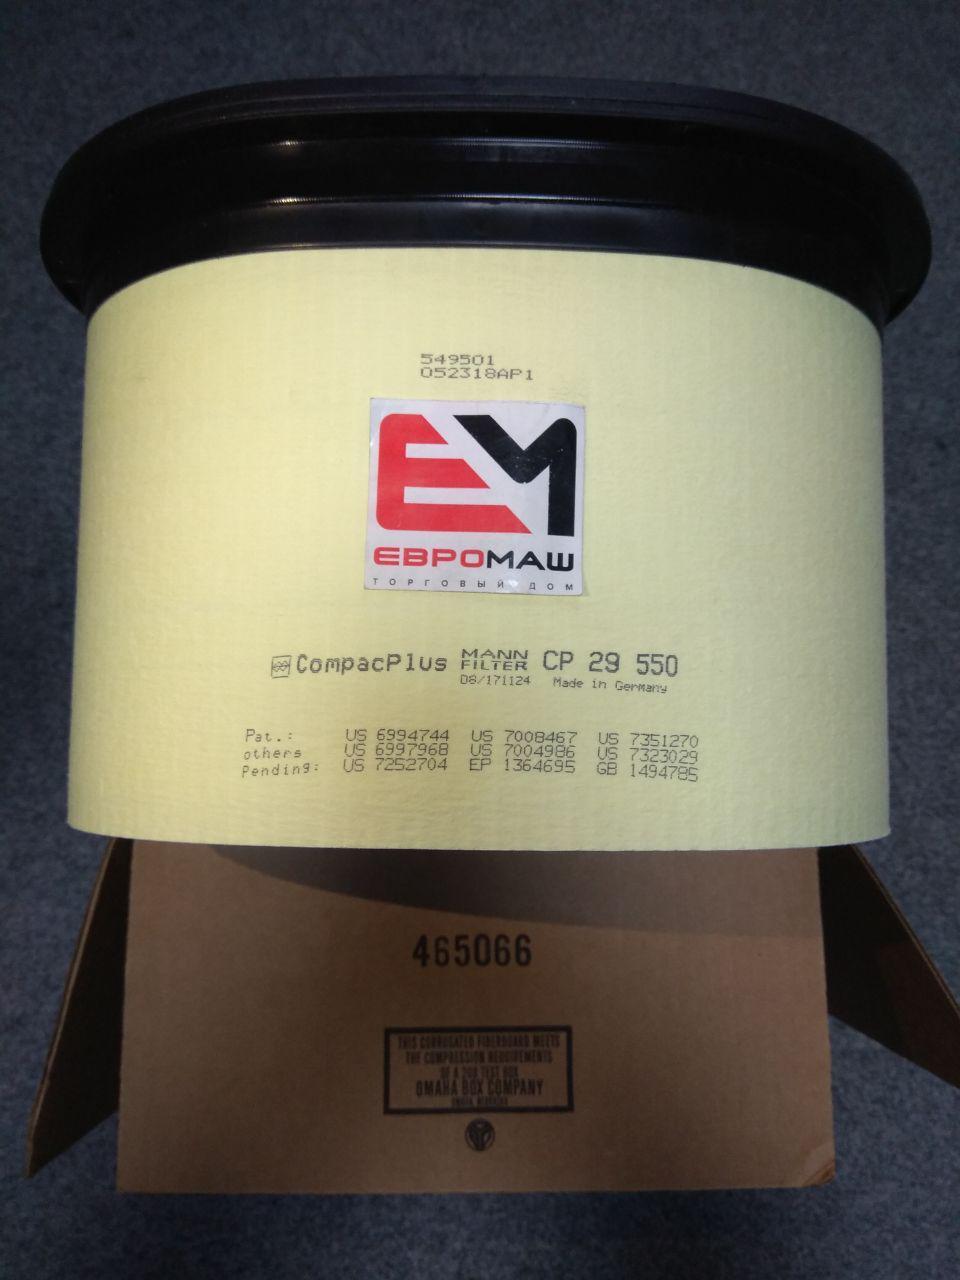 Фильтр воздушный MANN CP 29 550 (2525001, SO 17391, P635980, 1094005, 7700077178, Baldwin CA30071, BHC5058)